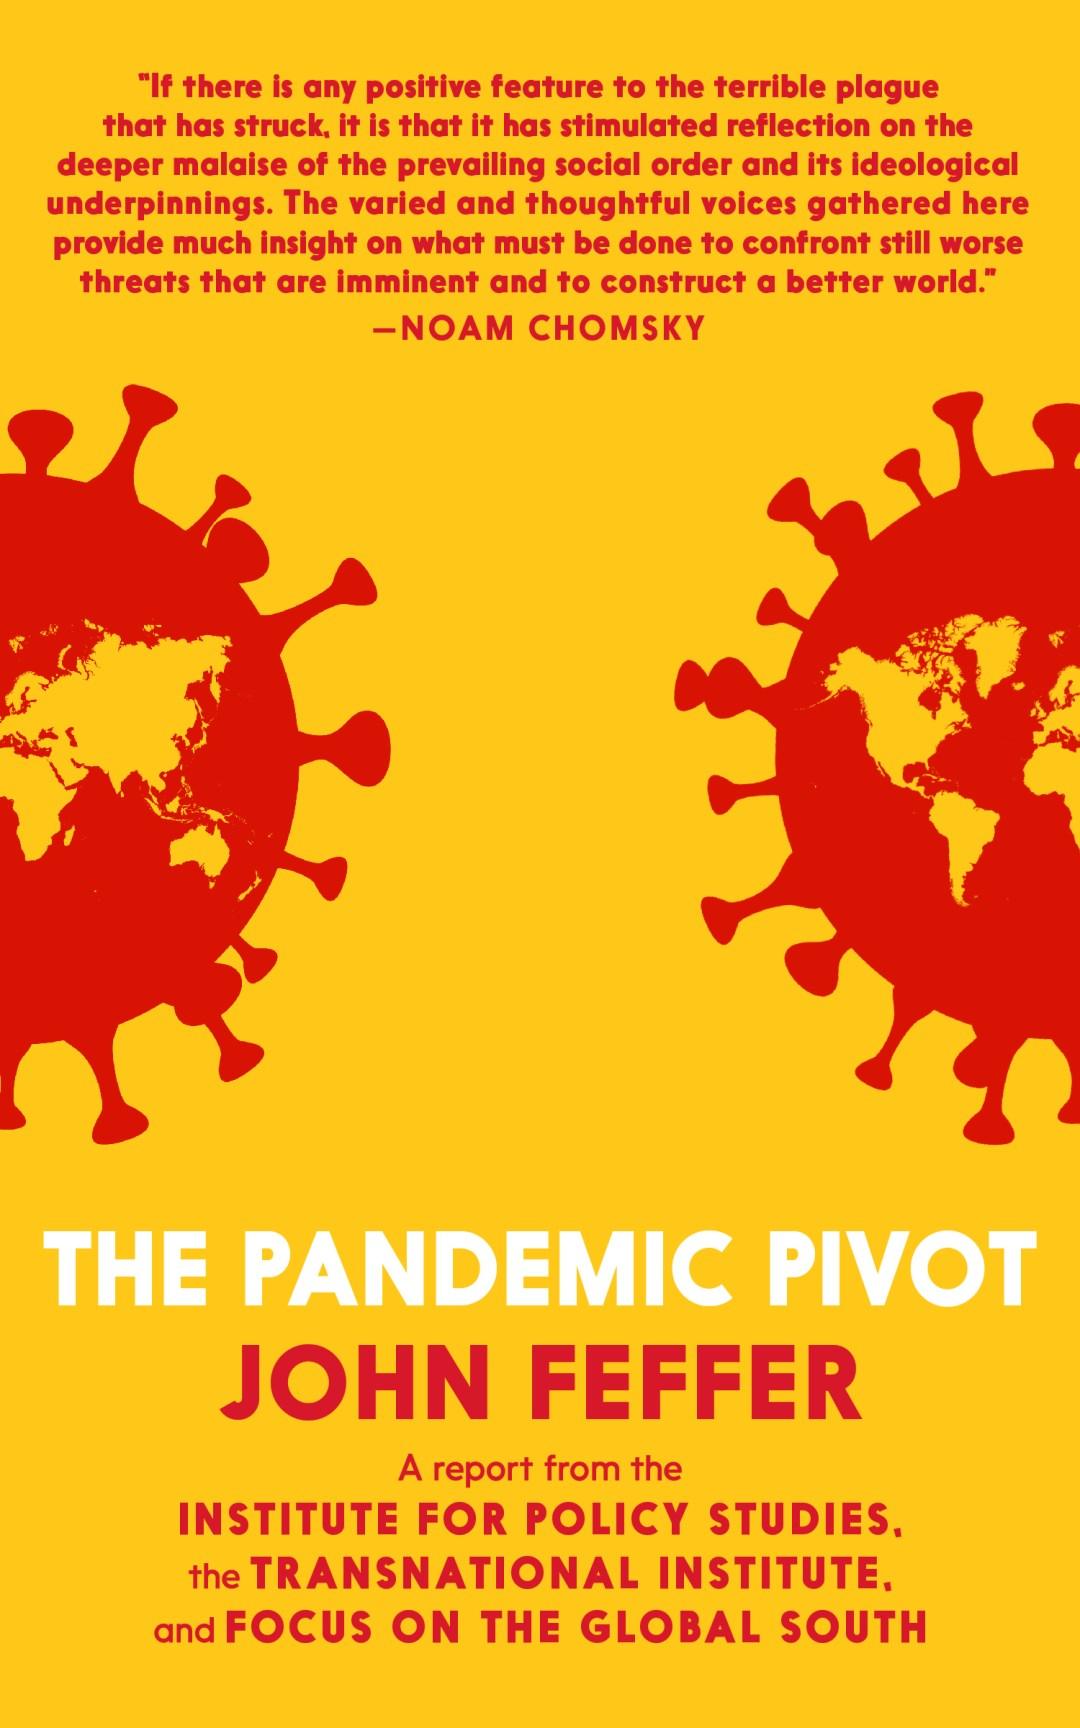 John Feffer's Pandemic Pivot Book Cover